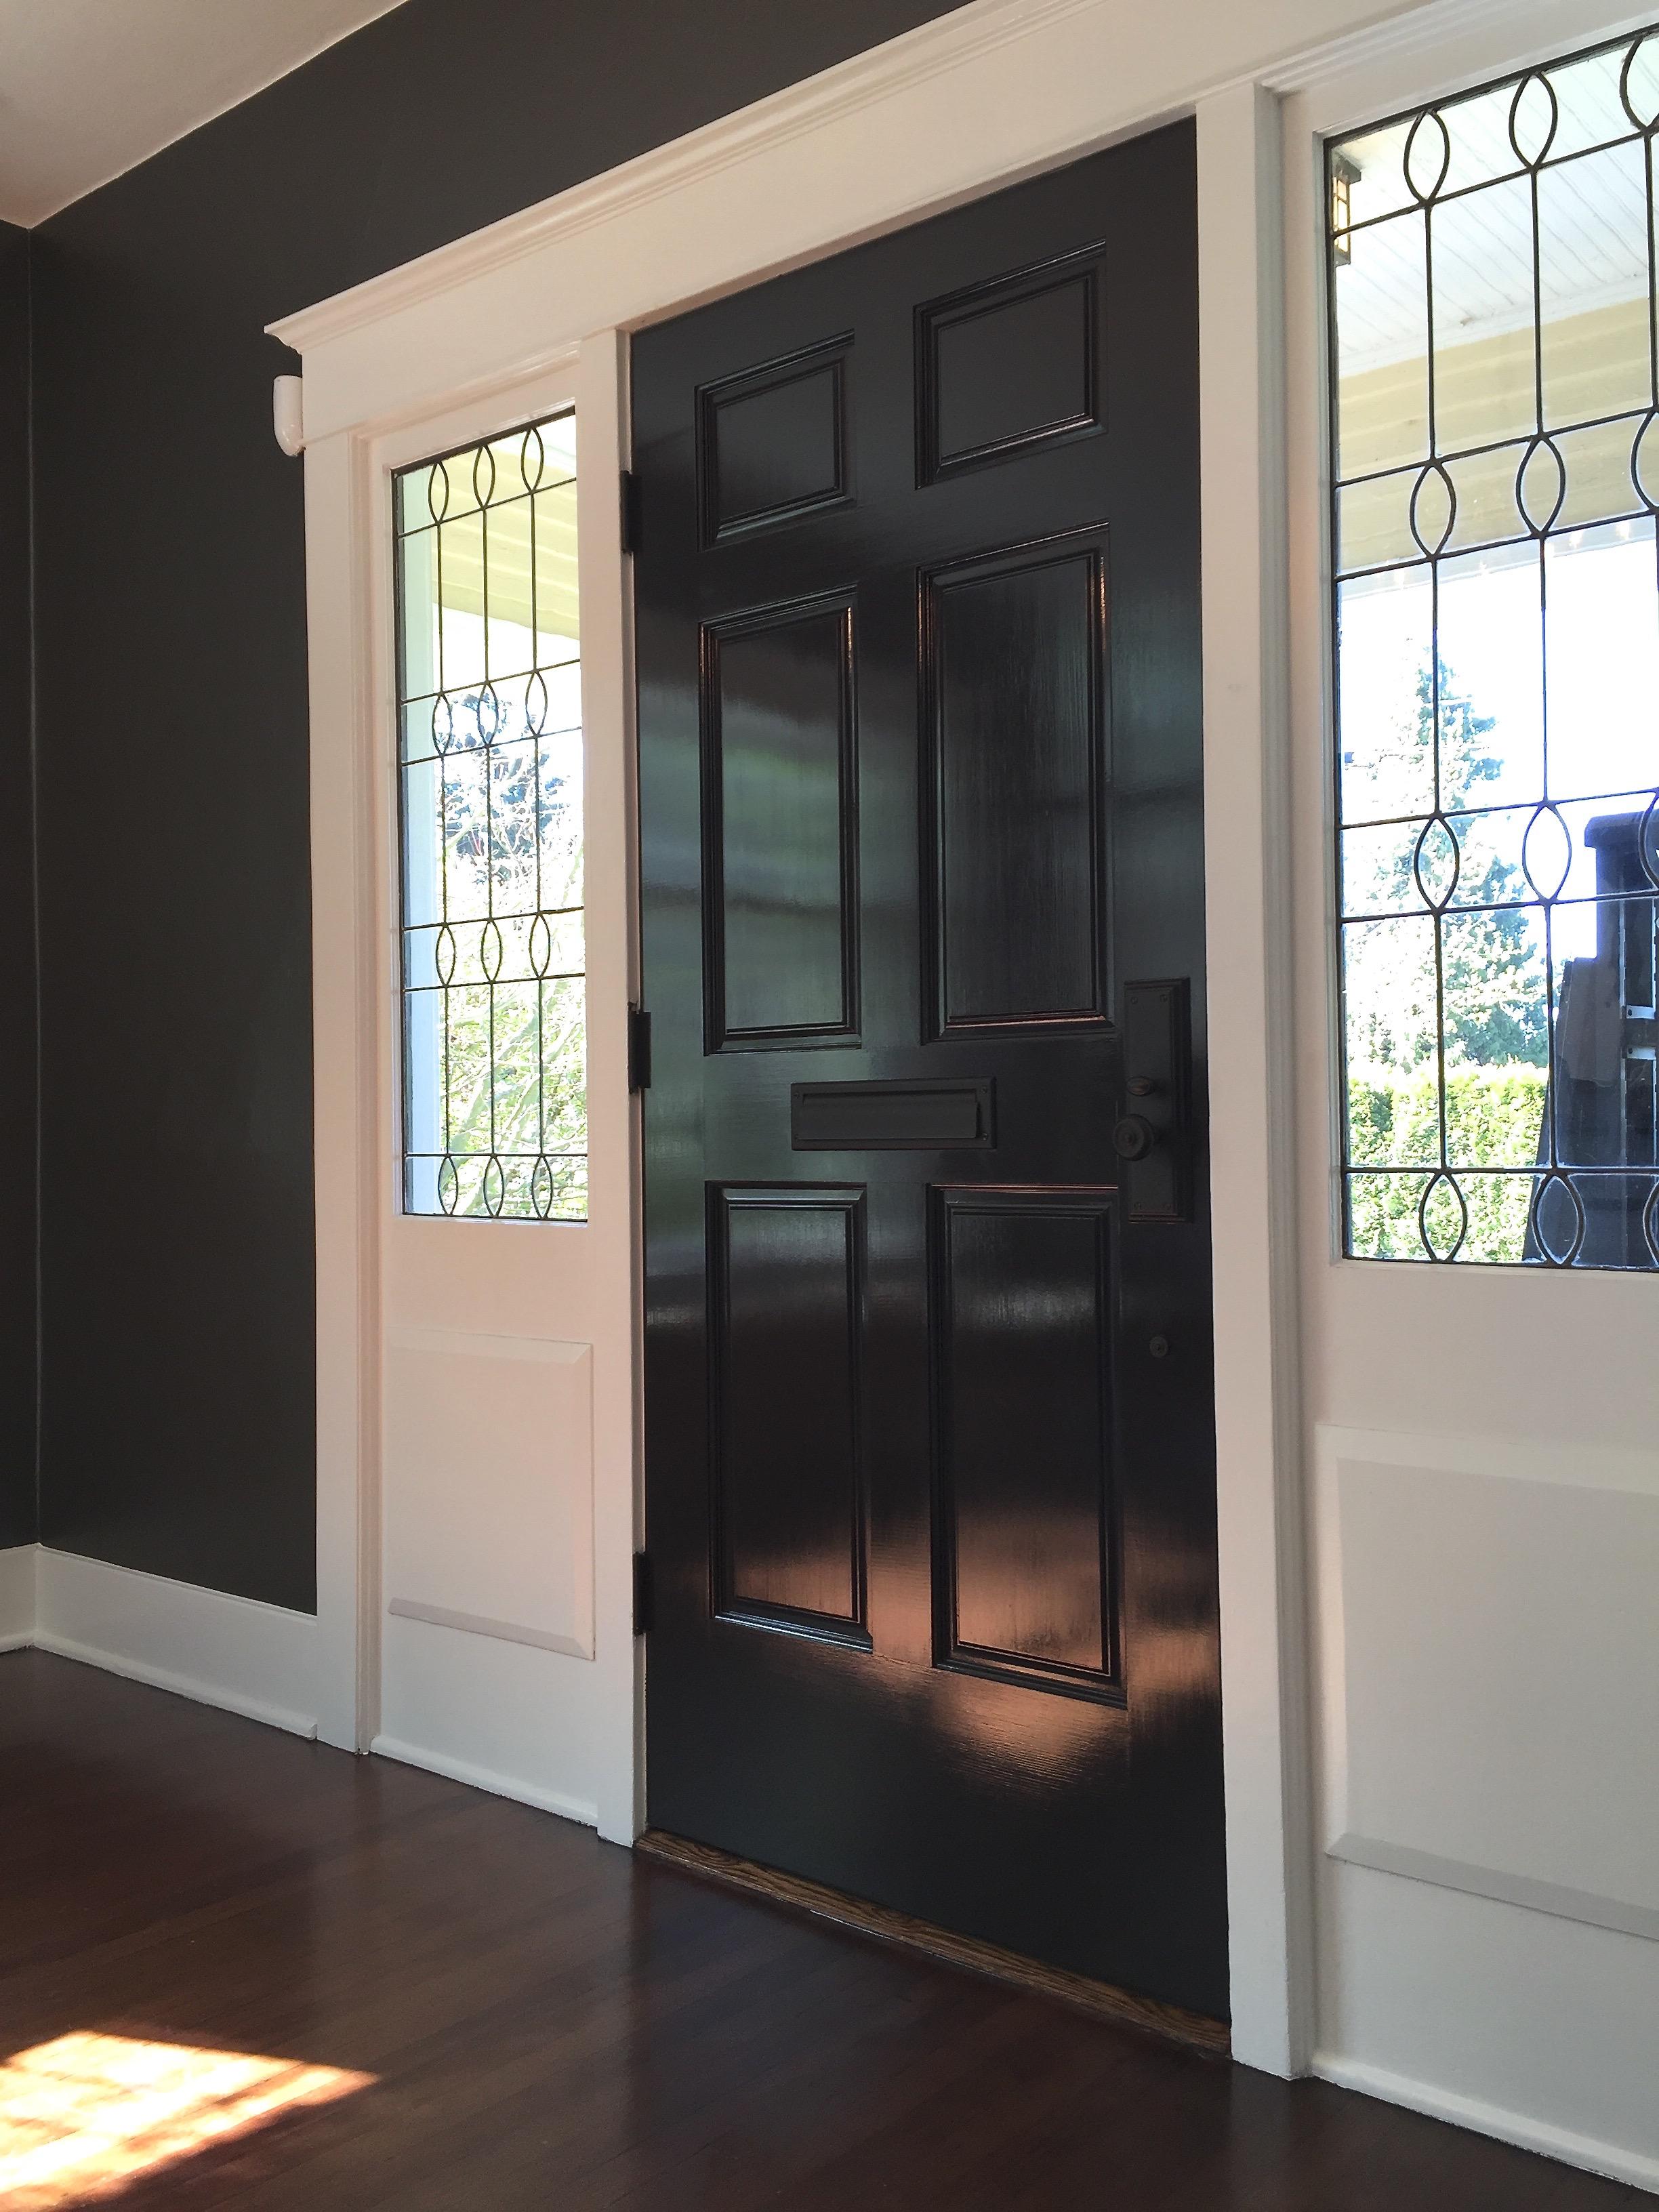 Sherwin williams super paint vs behr premium plus best - Behr vs sherwin williams interior paint ...